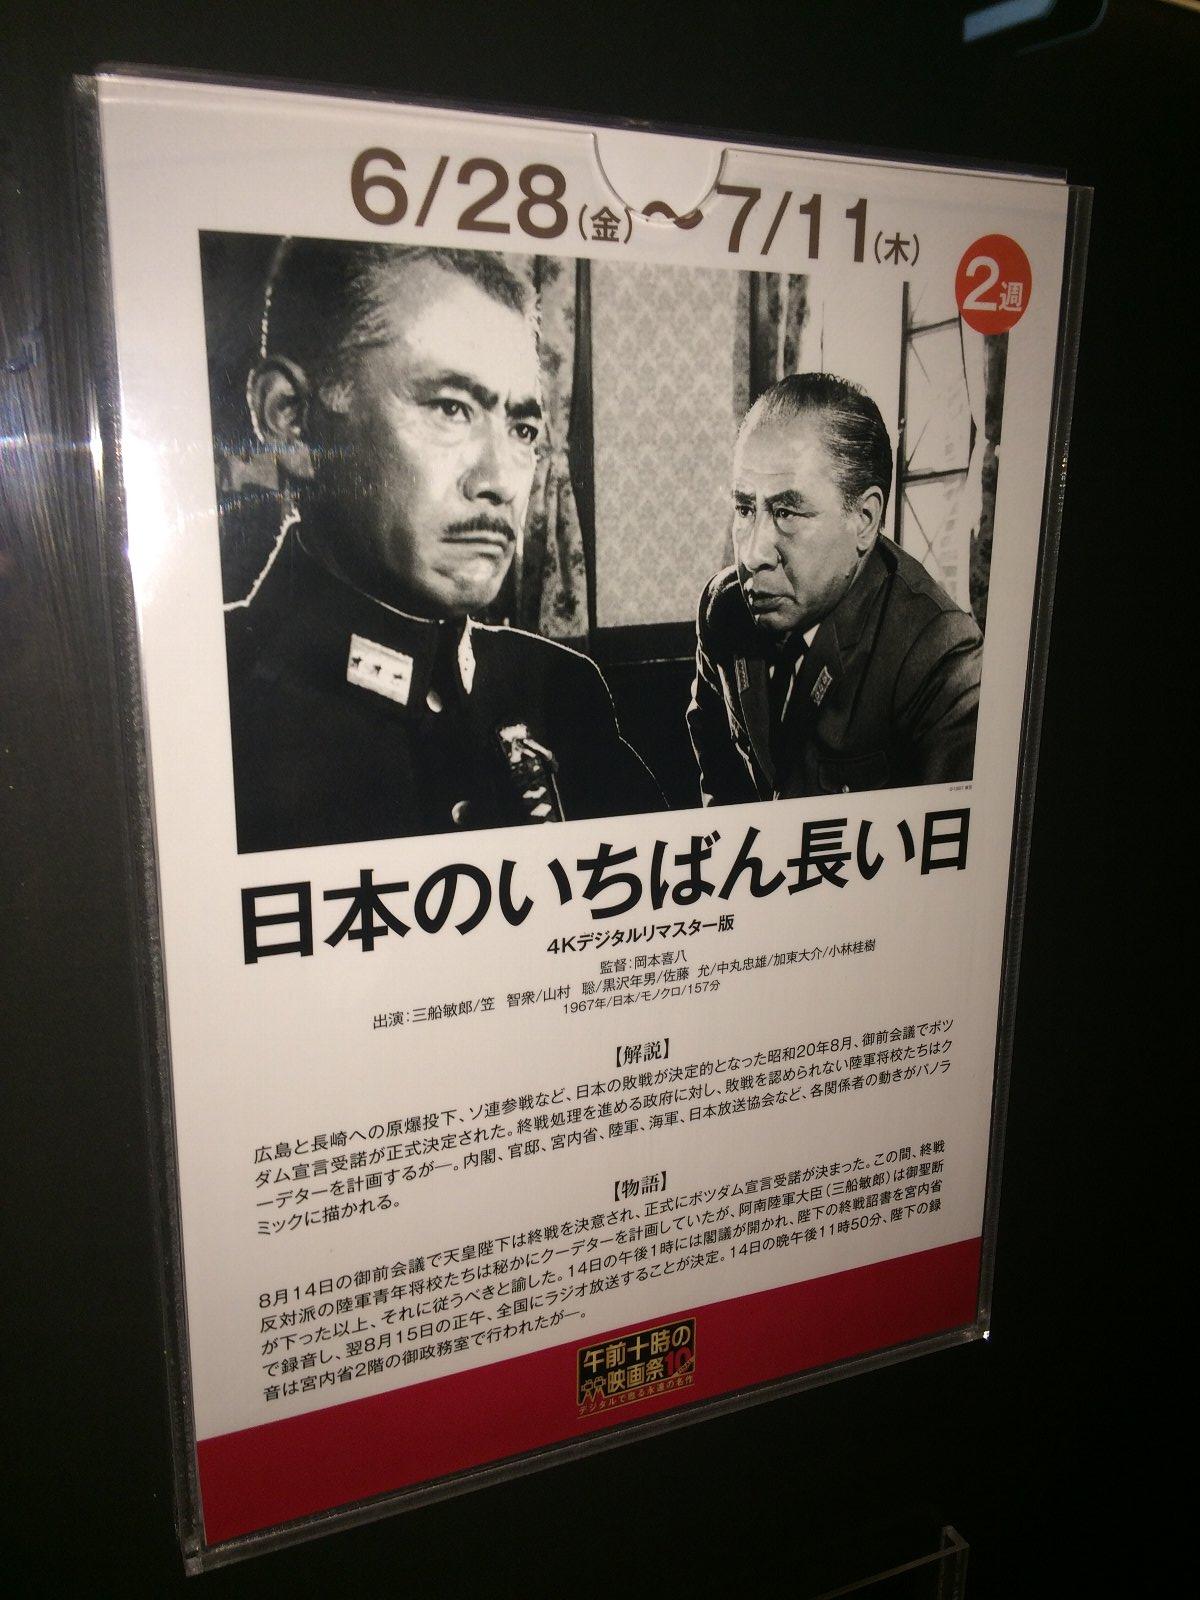 『日本のいちばん長い日』午前十時の映画祭